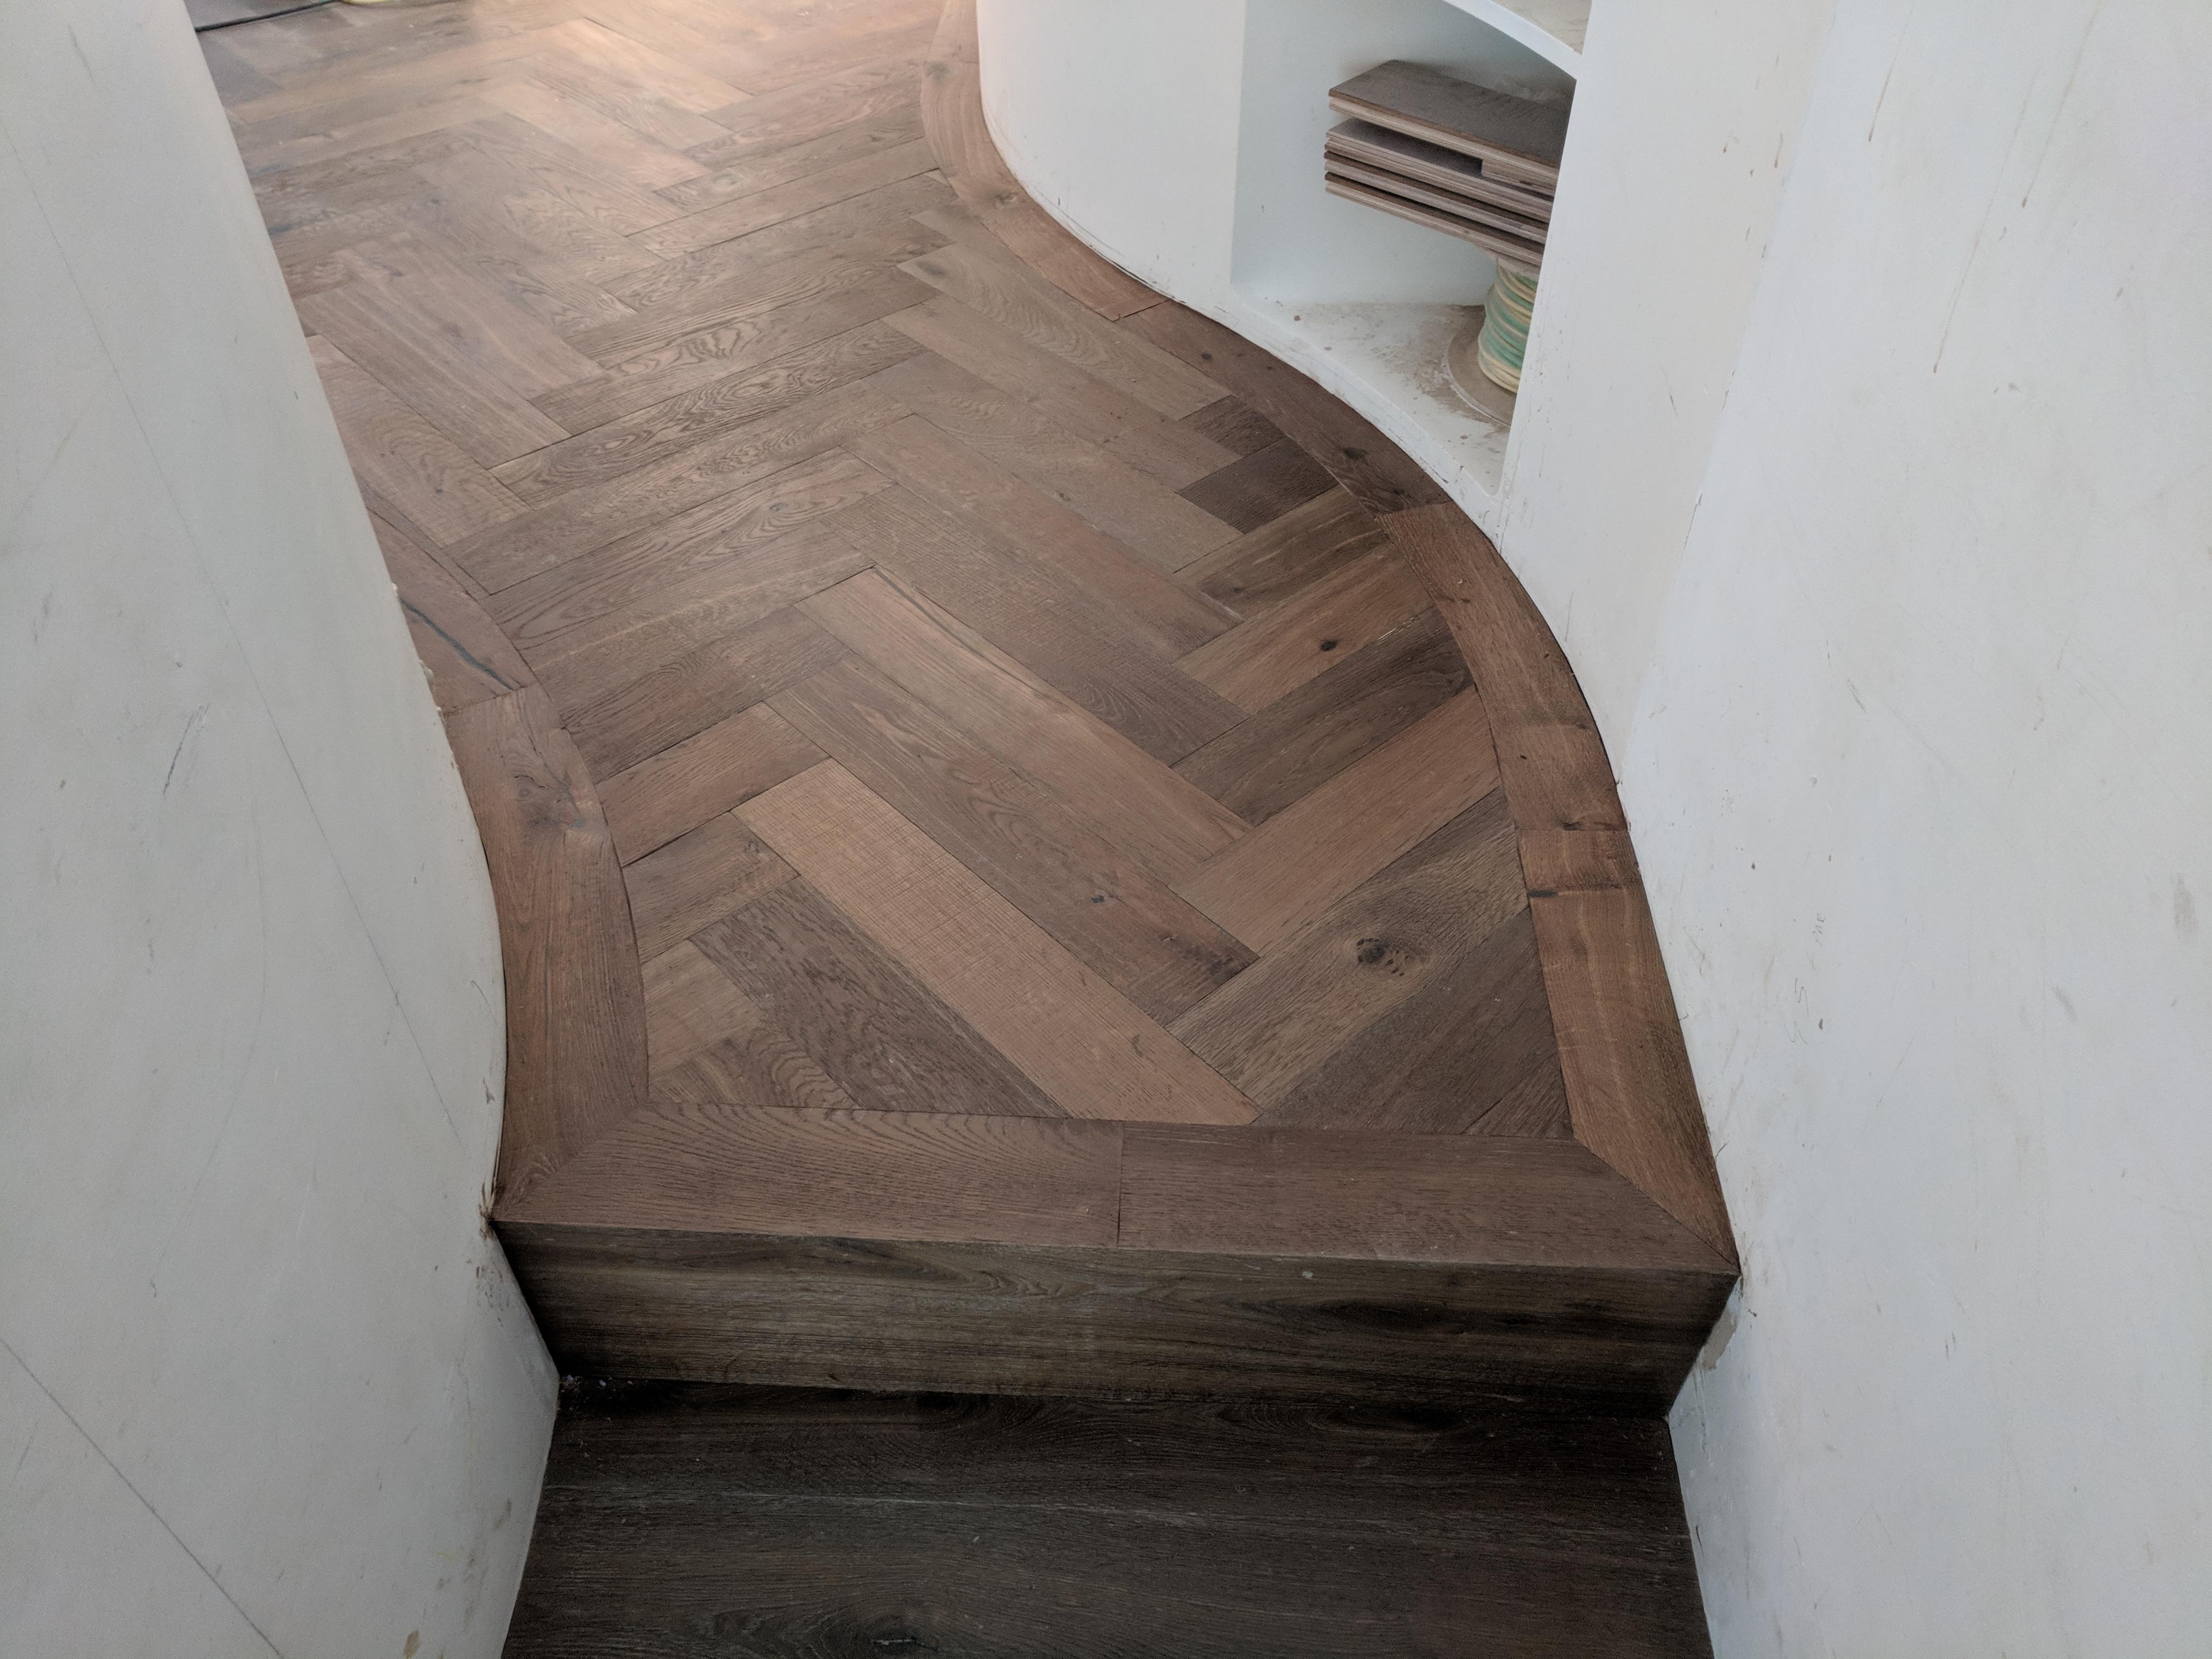 Fin Wood Ltd Photo 134